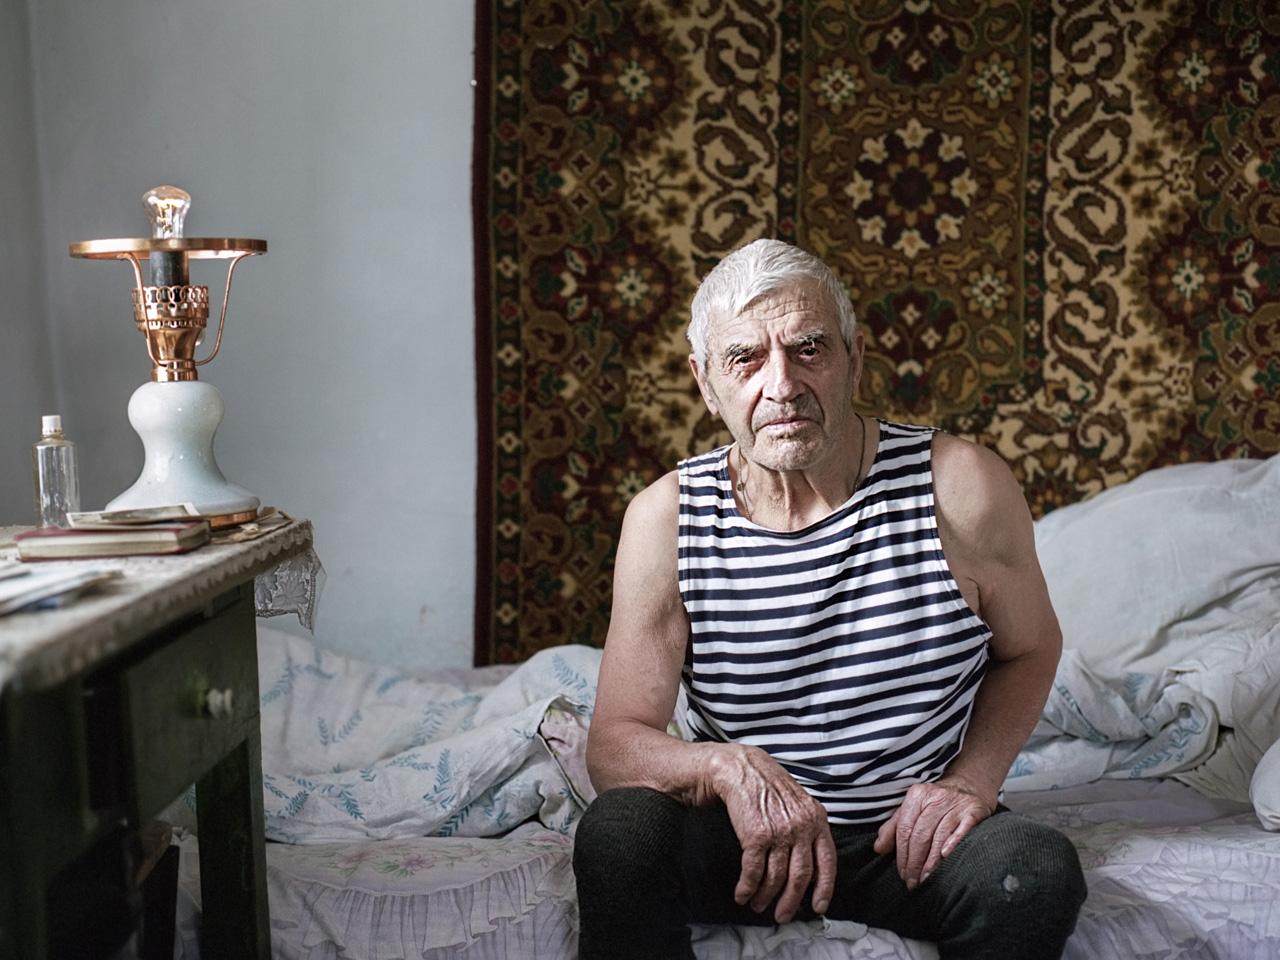 Olkhon è la più grande isola del lago Bajkal e l'unica a essere abitata. Qui vive Viktor, un anziano del posto: la sua giornata inizia alle 7 del mattino. Appena scende dal letto, Viktor accende la stufa per riscaldare la modesta abitazione nella quale vive